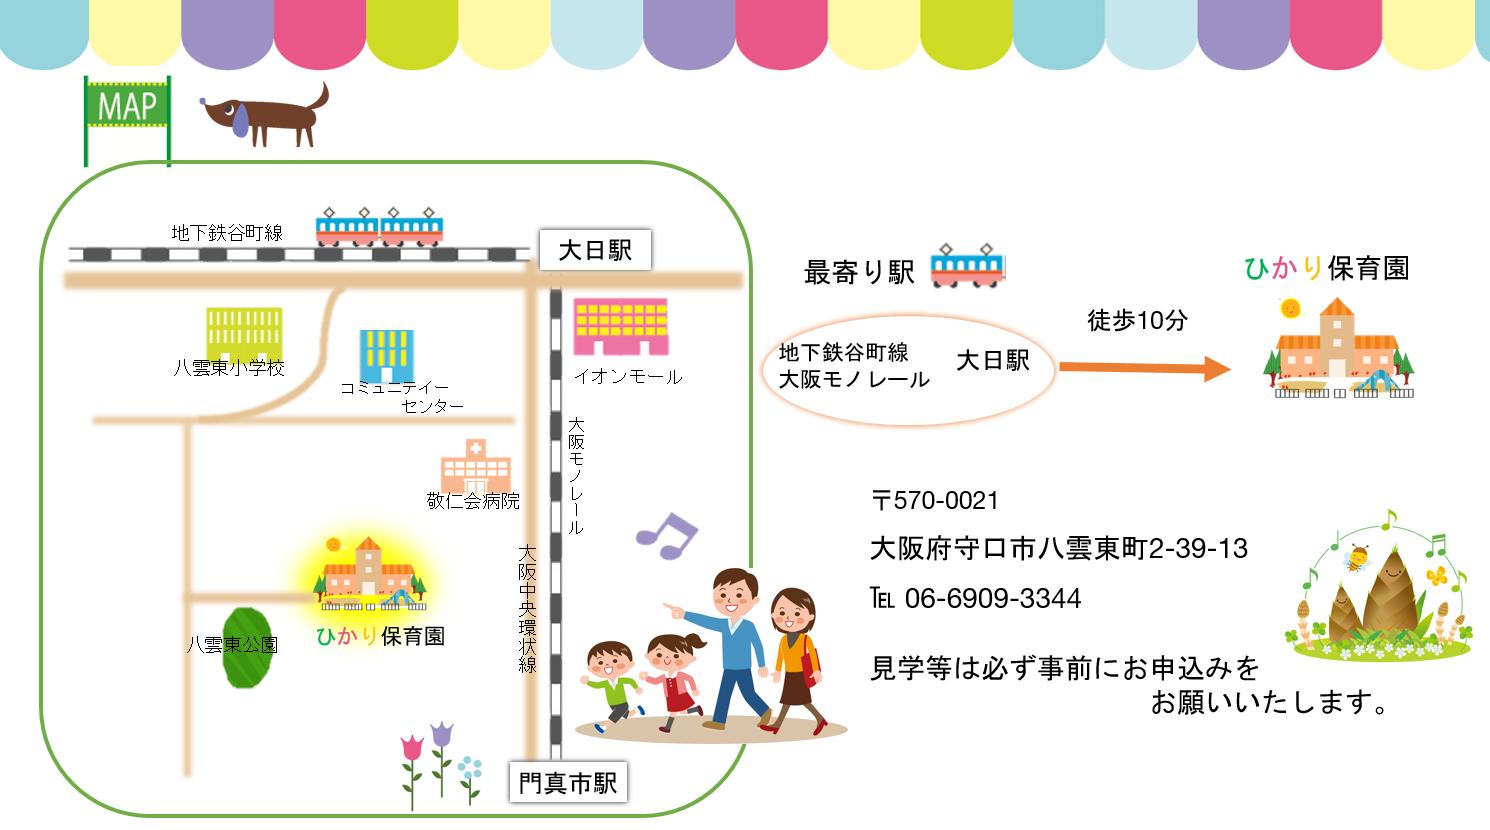 ひかり保育園へのアクセス